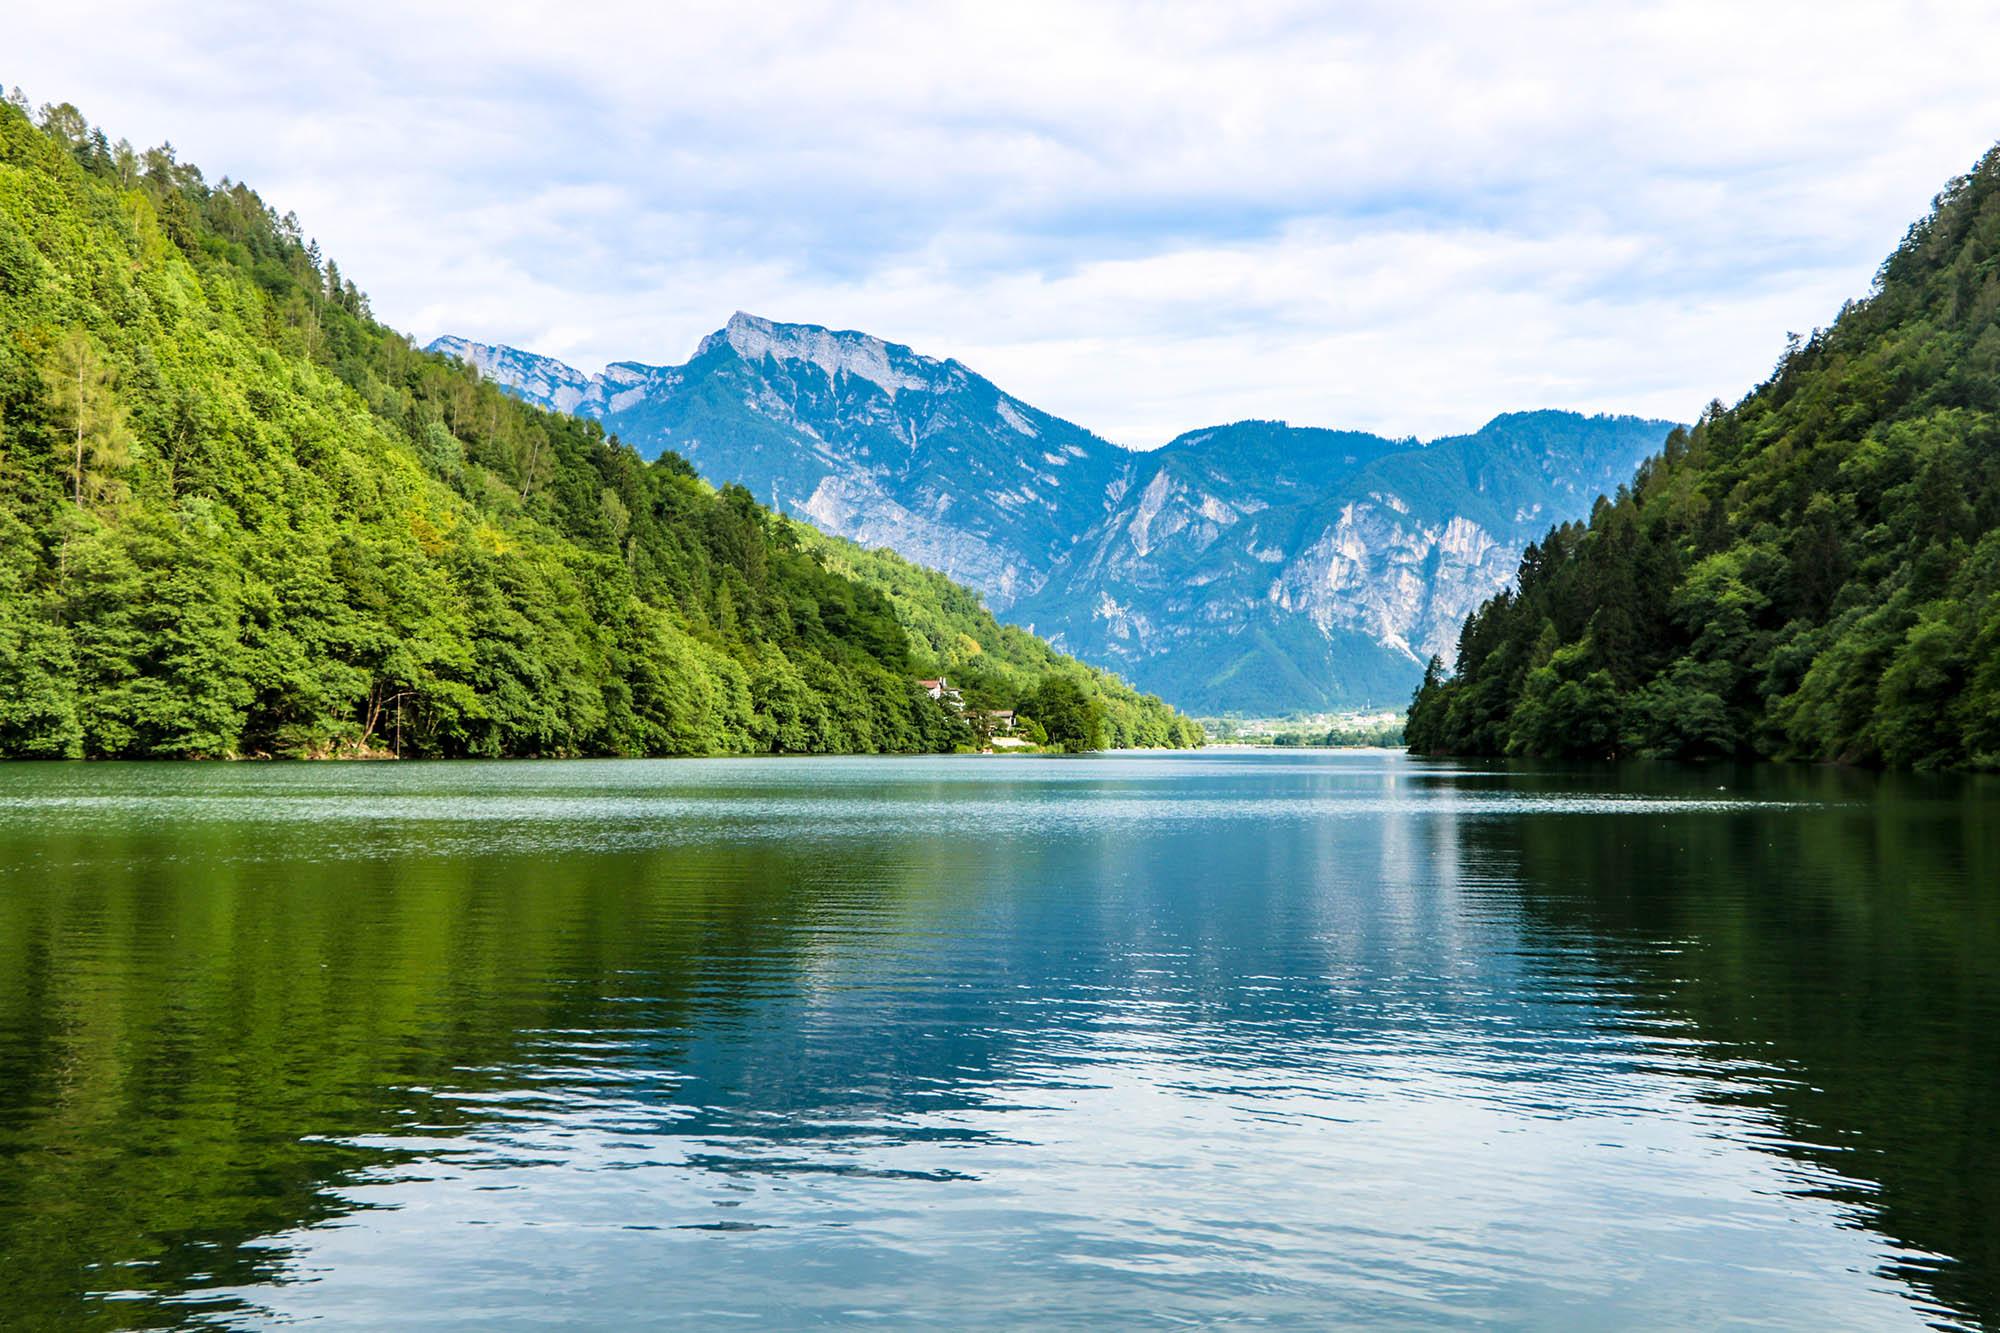 Lago di Levico Terme: uno dei laghi più belli del Trentino.